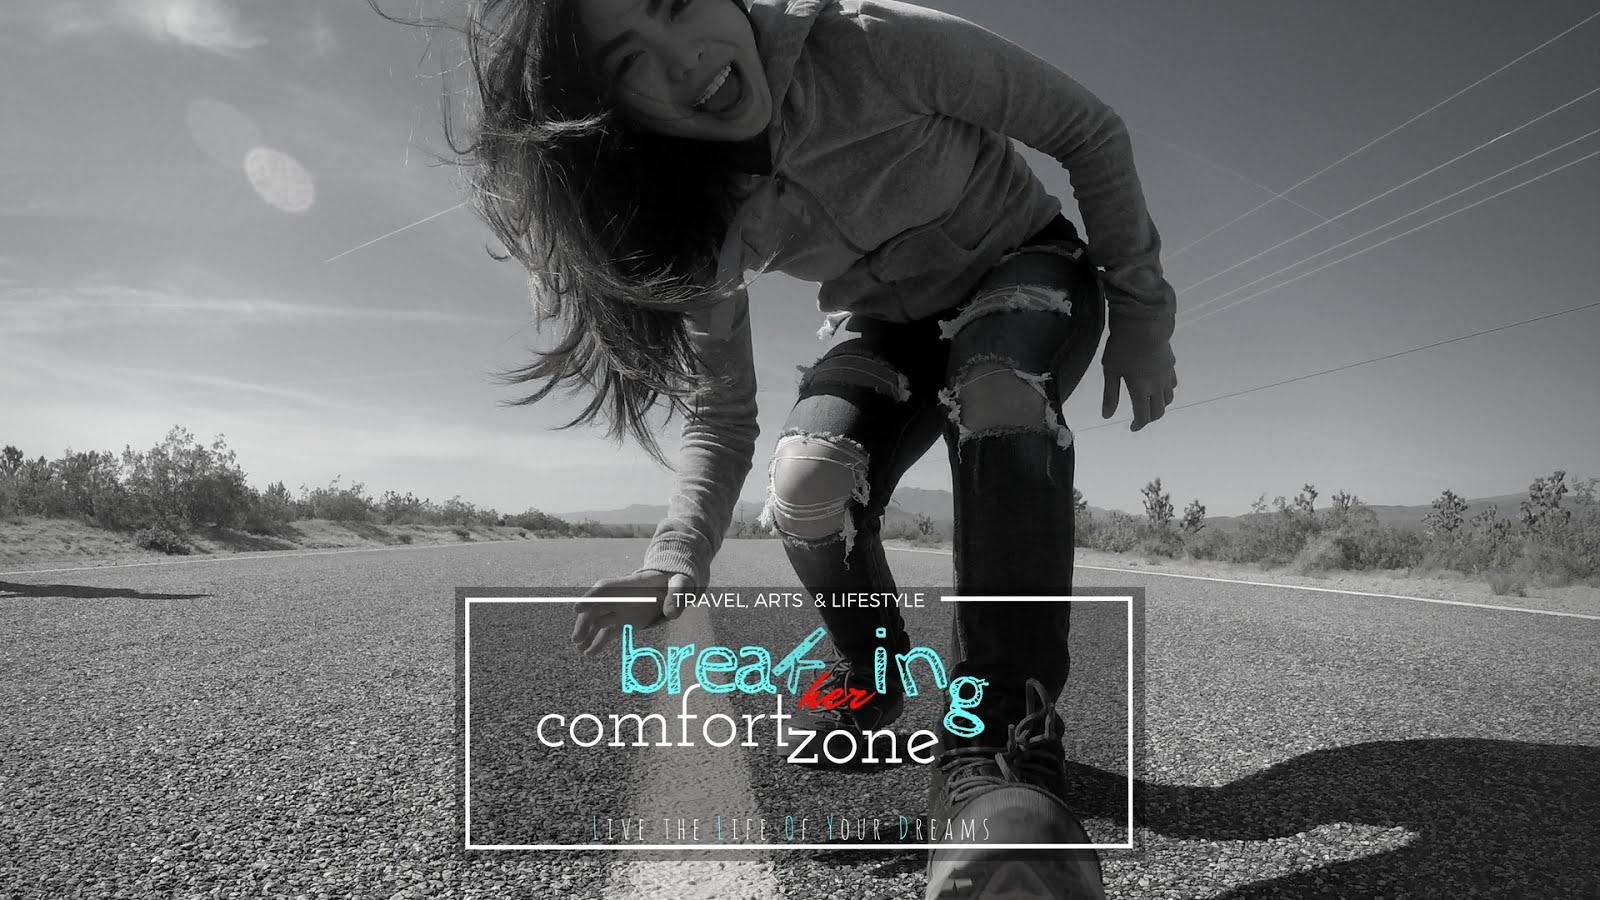 Her Comfort Zone